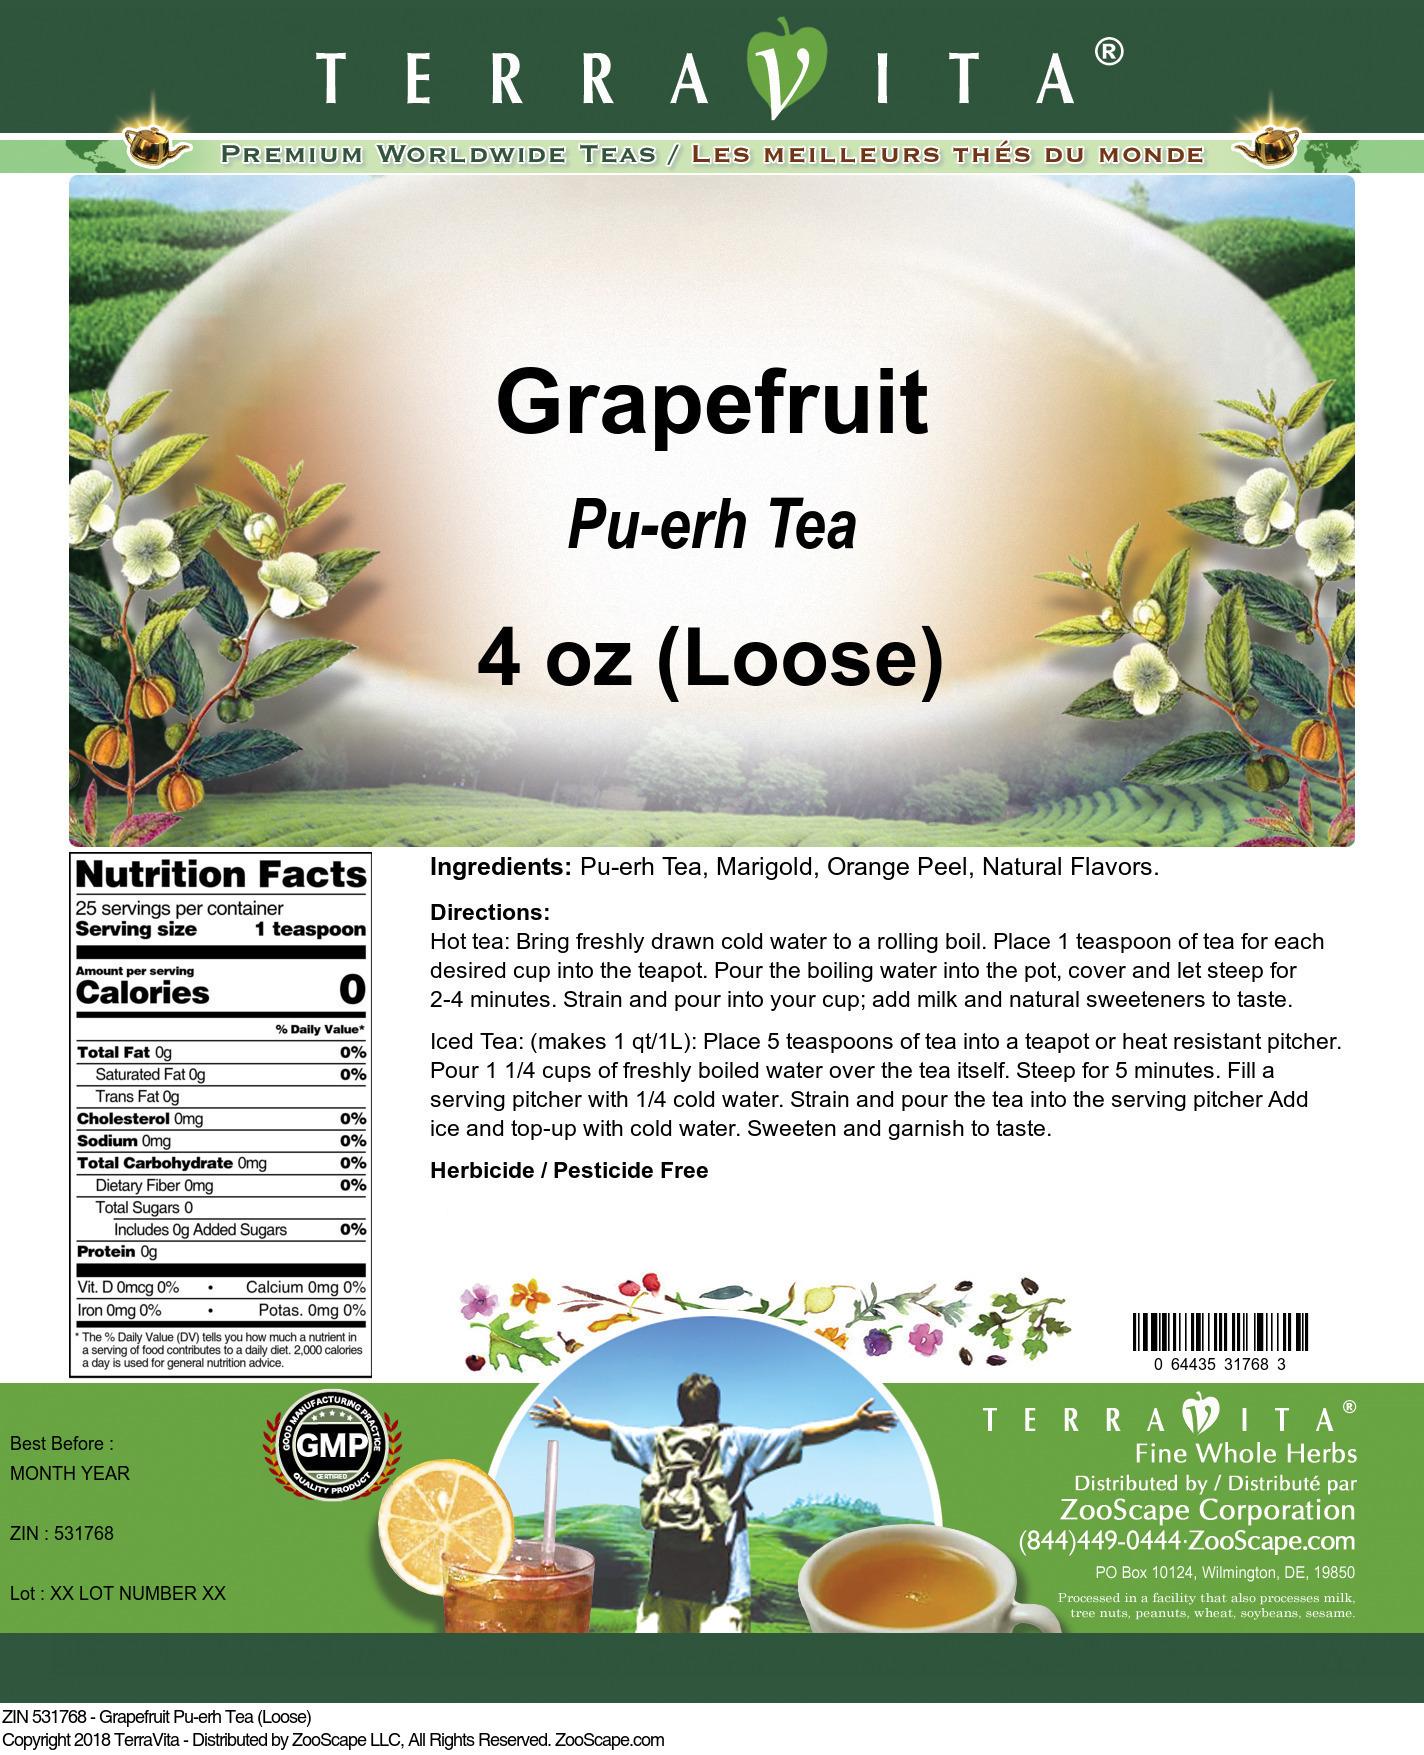 Grapefruit Pu-erh Tea (Loose)